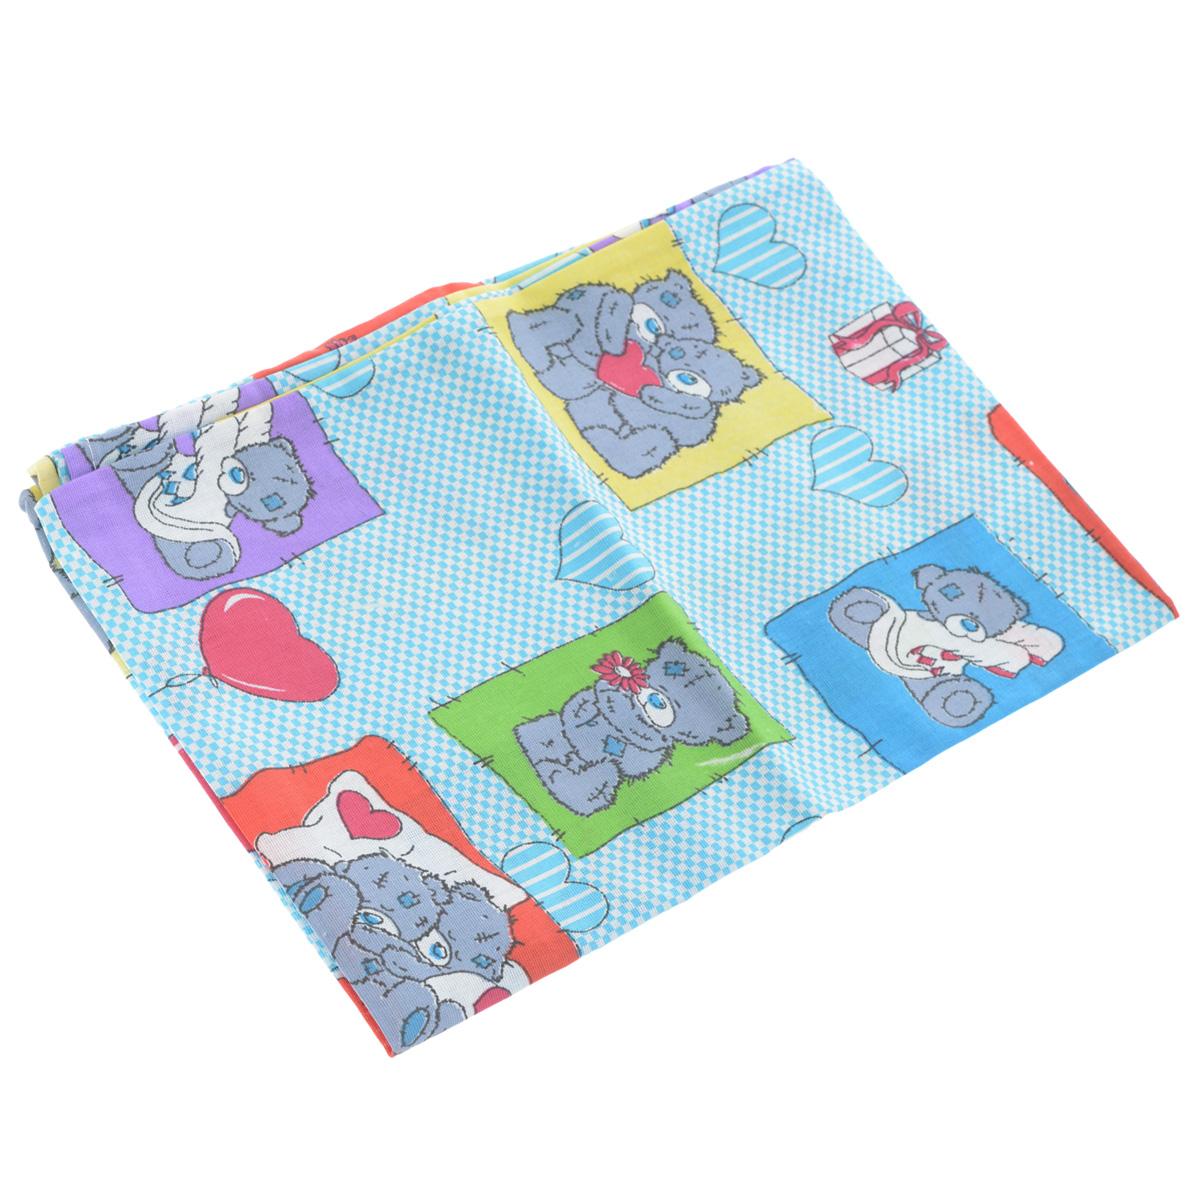 Наволочка детская Фея Мишки, цвет: голубой, 40 см х 60 см0001056-1Детская наволочка Фея Мишки, идеально подойдет для подушки вашегомалыша. Изготовленная из натурального 100% хлопка, она необычайно мягкая иприятная на ощупь. Натуральный материал не раздражает даже самую нежную ичувствительную кожу ребенка, обеспечивая ему наибольший комфорт. Приятныйрисунок наволочки, несомненно, понравится малышу и привлечет его внимание.На подушке с такой наволочкой ваша кроха будет спать здоровым икрепким сном.УВАЖАЕМЫЕ КЛИЕНТЫ! Обращаем ваше внимание навозможные изменения в дизайне, связанные с ассортиментом продукции: рисунок можетотличаться от представленного на изображении.